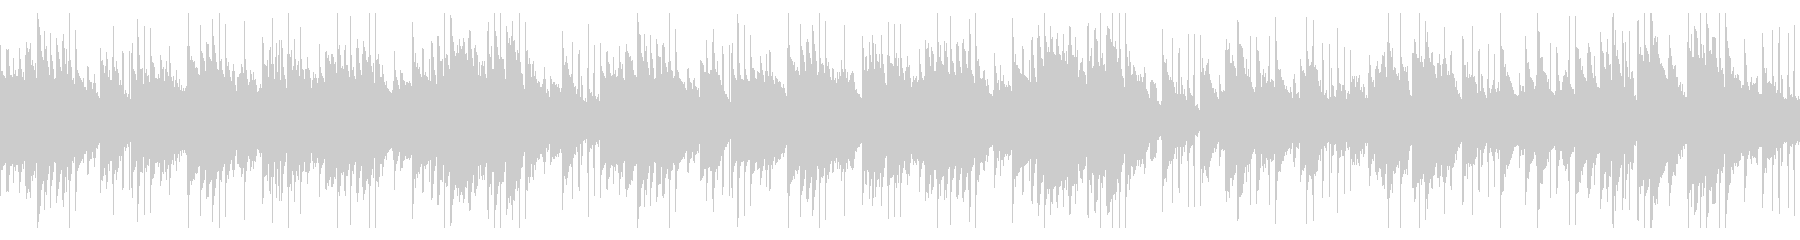 ロマンチックなジャズピアノ曲(ループ)の未再生の波形